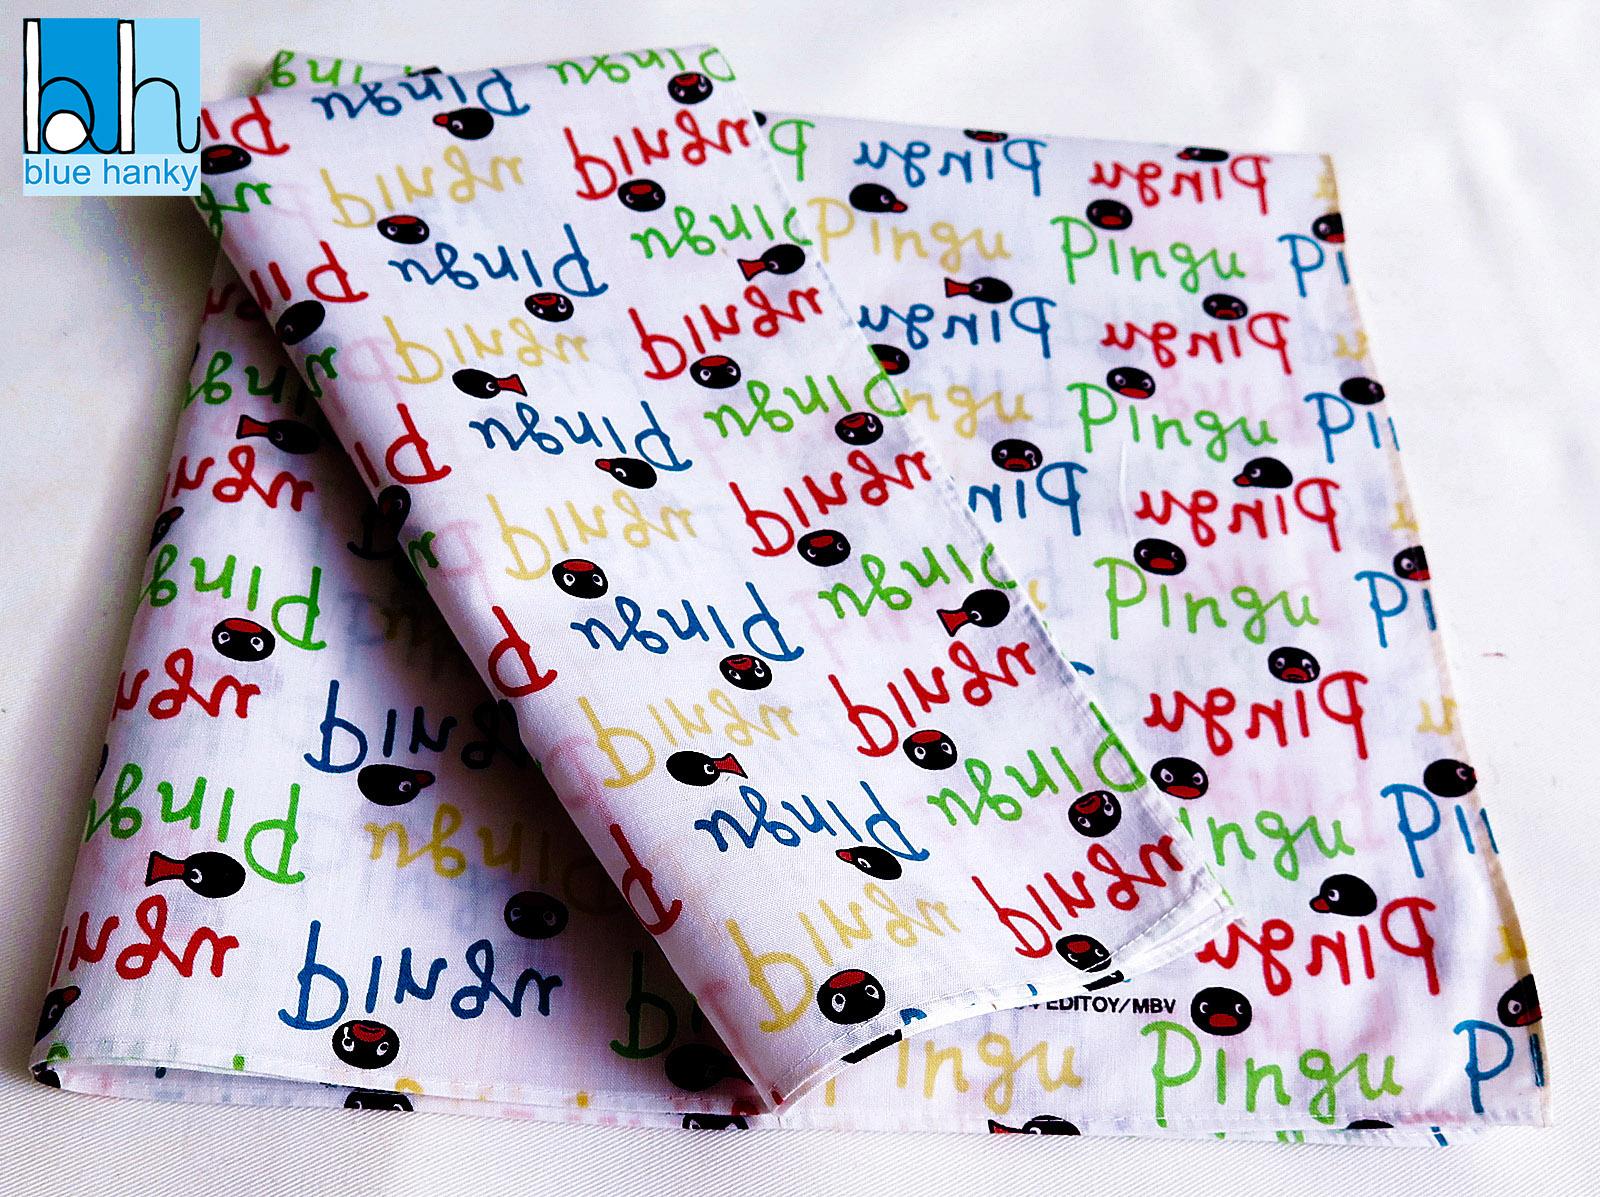 """#150 19"""" Pingu ผ้าเช็ดหน้ามือ2 สภาพดี ผ้าเช็ดหน้าผืนใหญ่"""